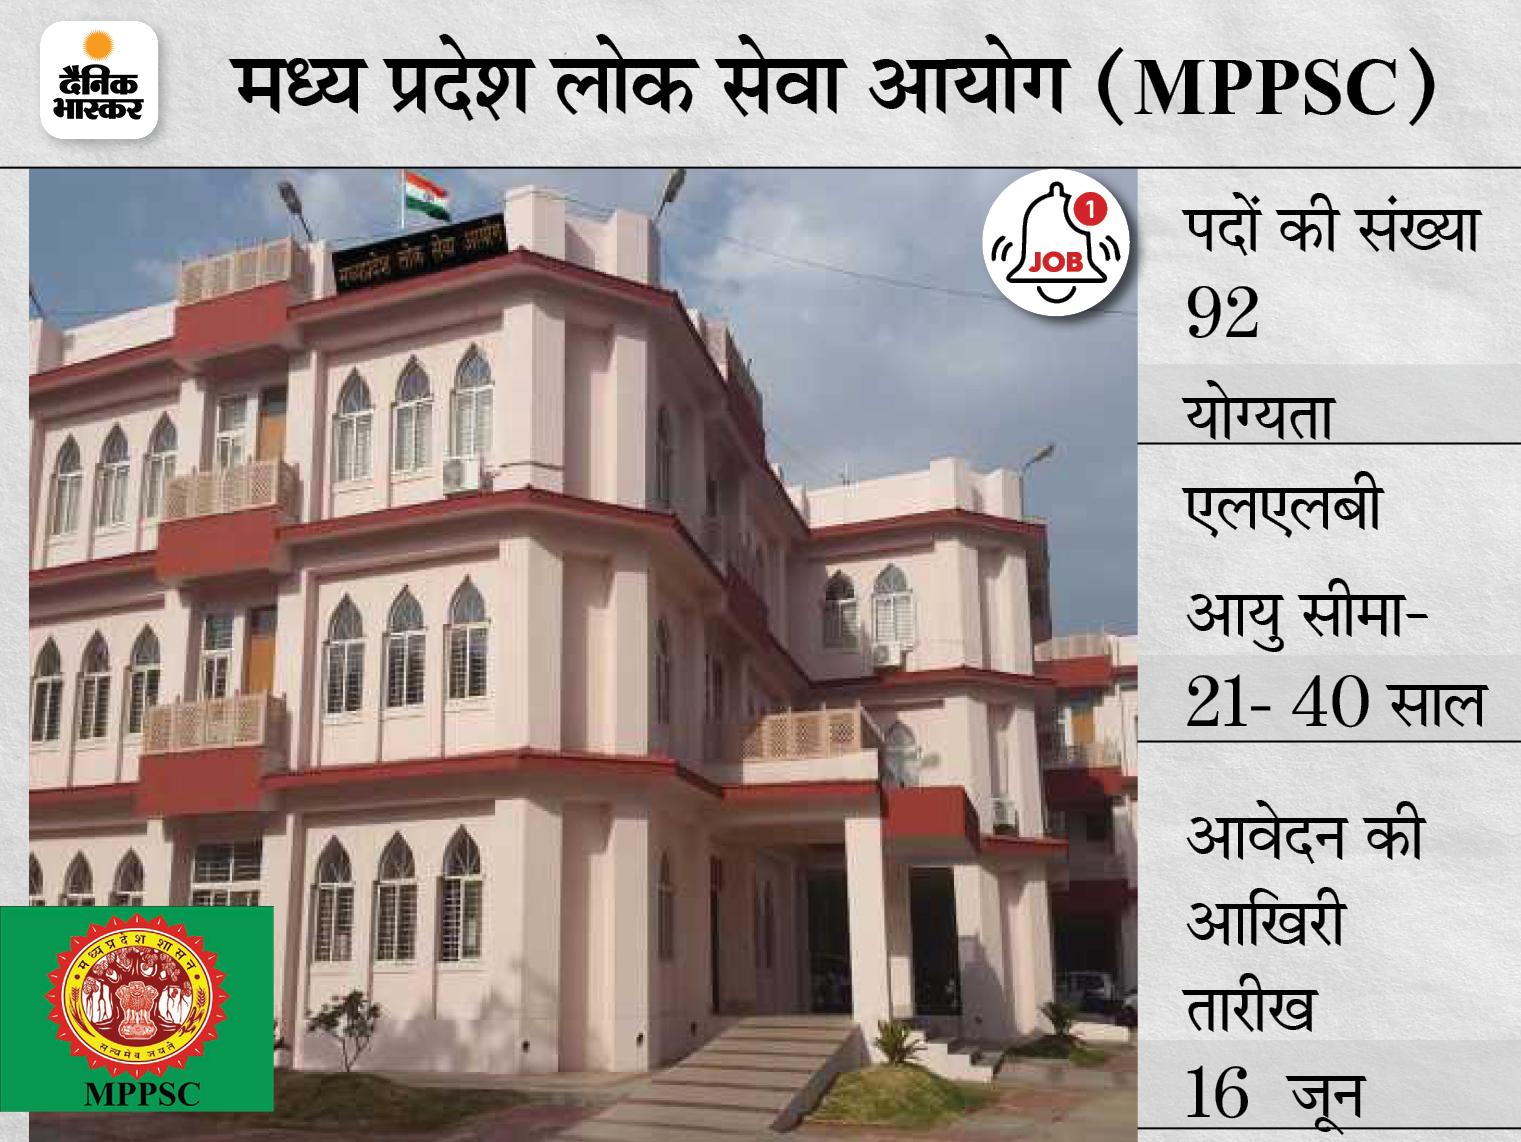 MPPSC ने असिस्टेंट डिस्ट्रिक्ट प्रोसिक्यूशन ऑफिसर के पदों के लिए मांगे आवेदन, 16 जुलाई तक करें अप्लाई करिअर,Career - Dainik Bhaskar